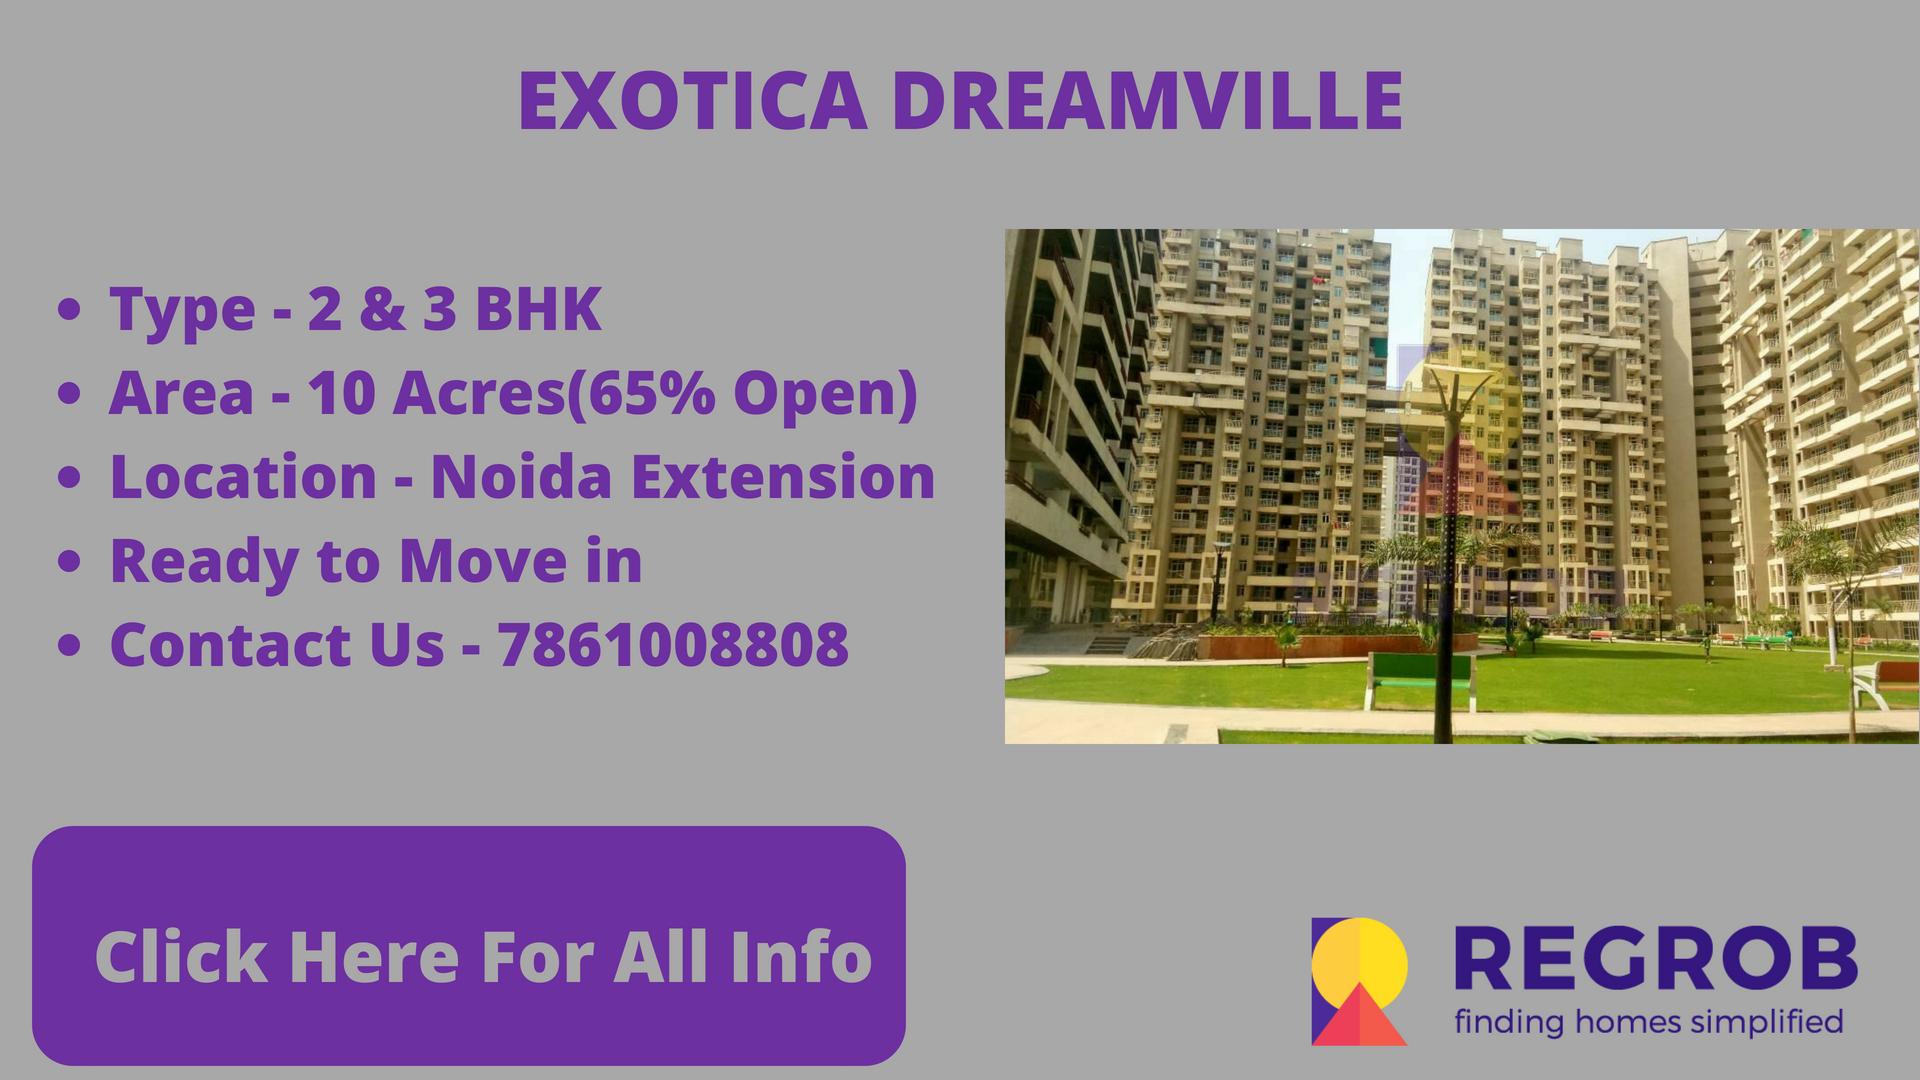 Exotica Dreamville gaur city 2